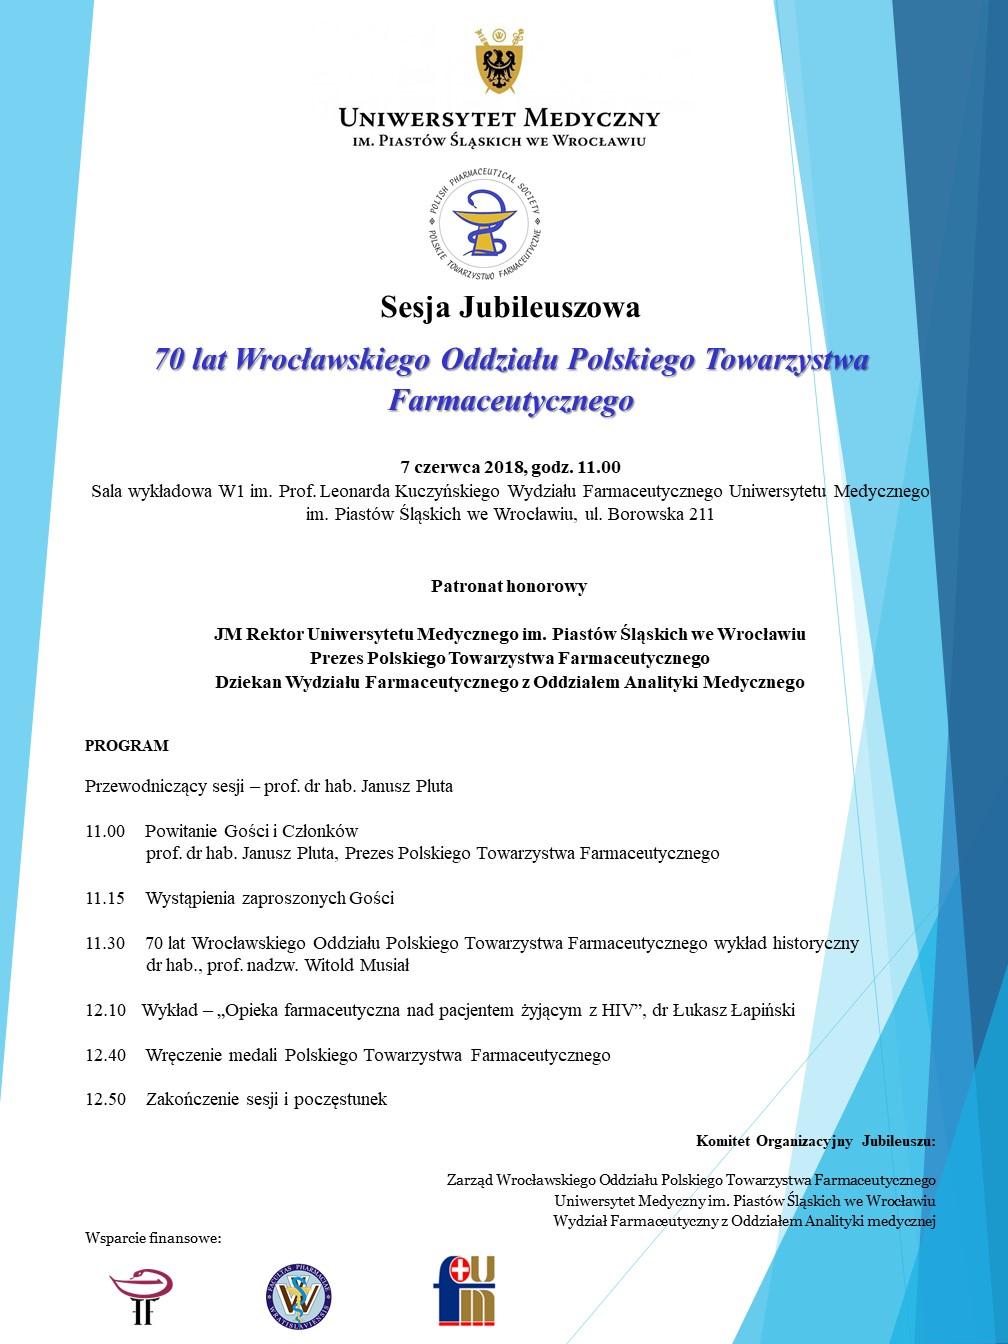 Sesja Jubileuszowa 70 lat Wrocławskiego Oddziału Polskiego Towarzystwa Farmaceutycznego